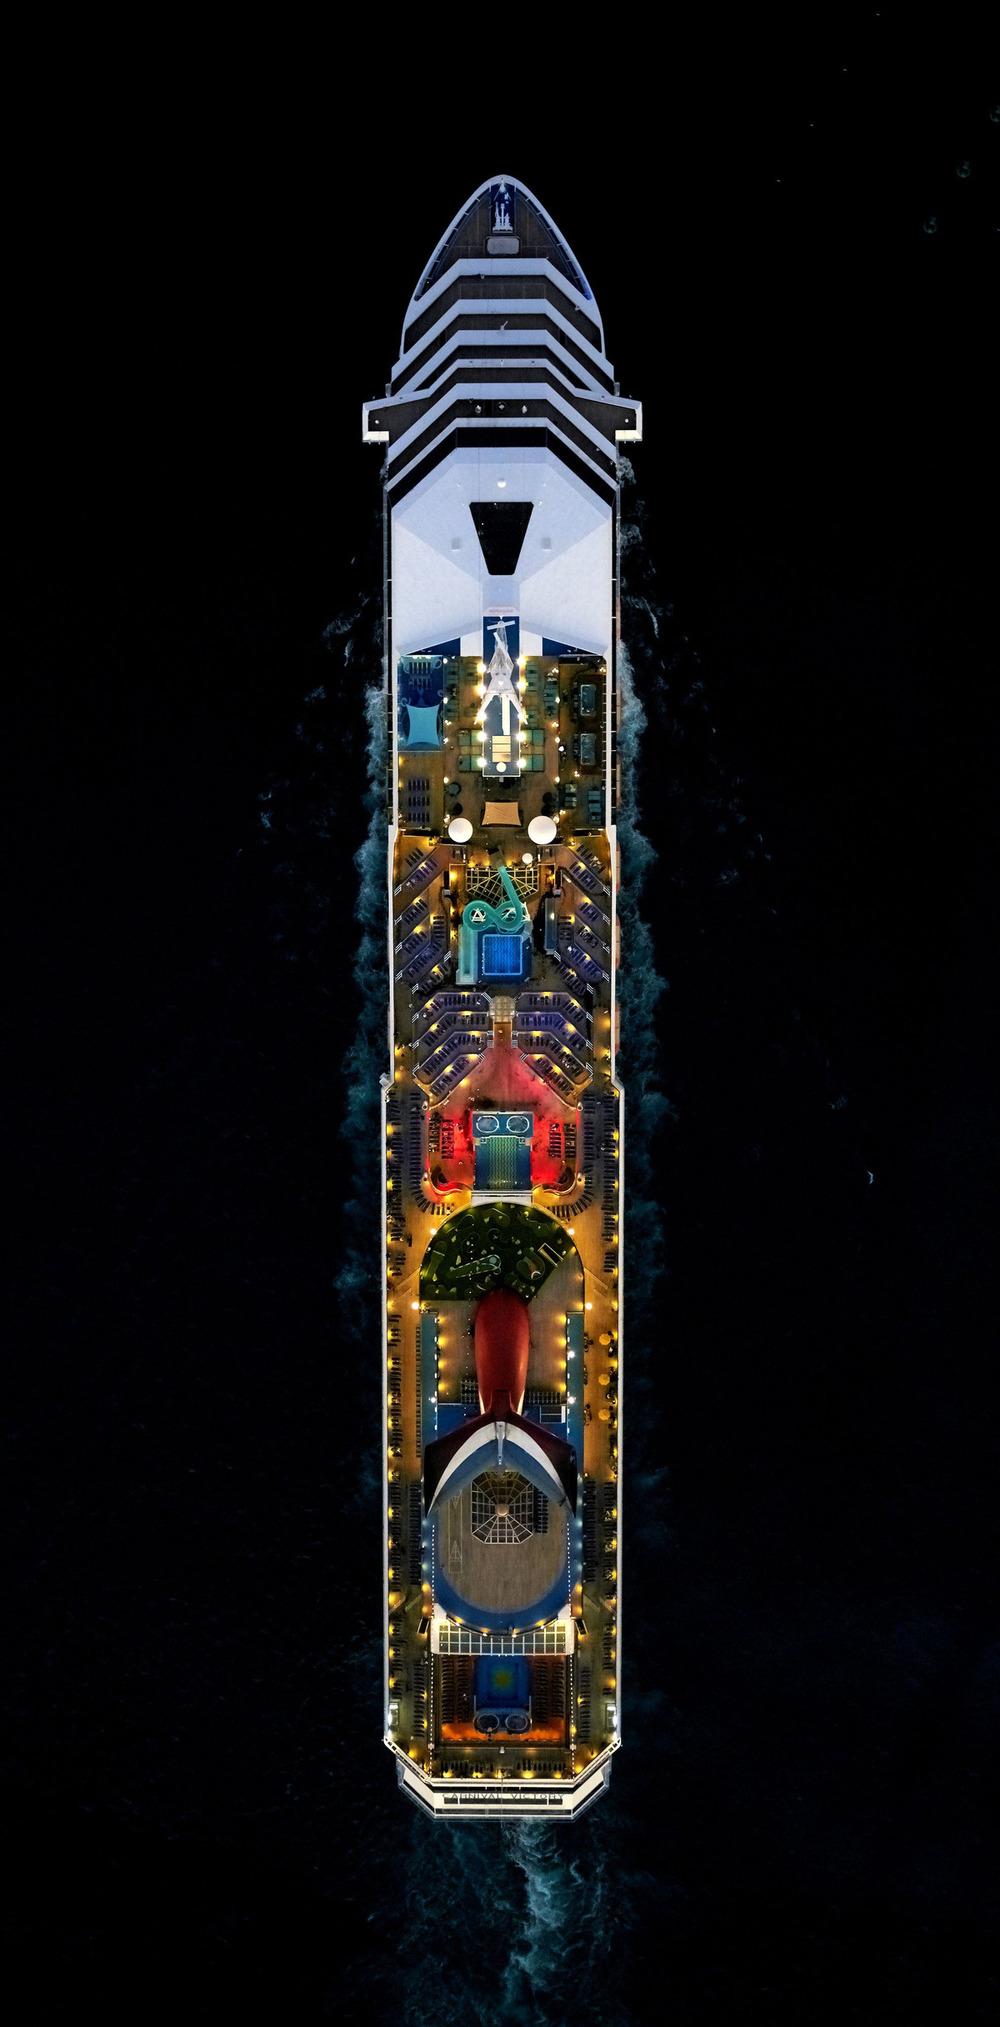 Cruise-ships-4.jpg